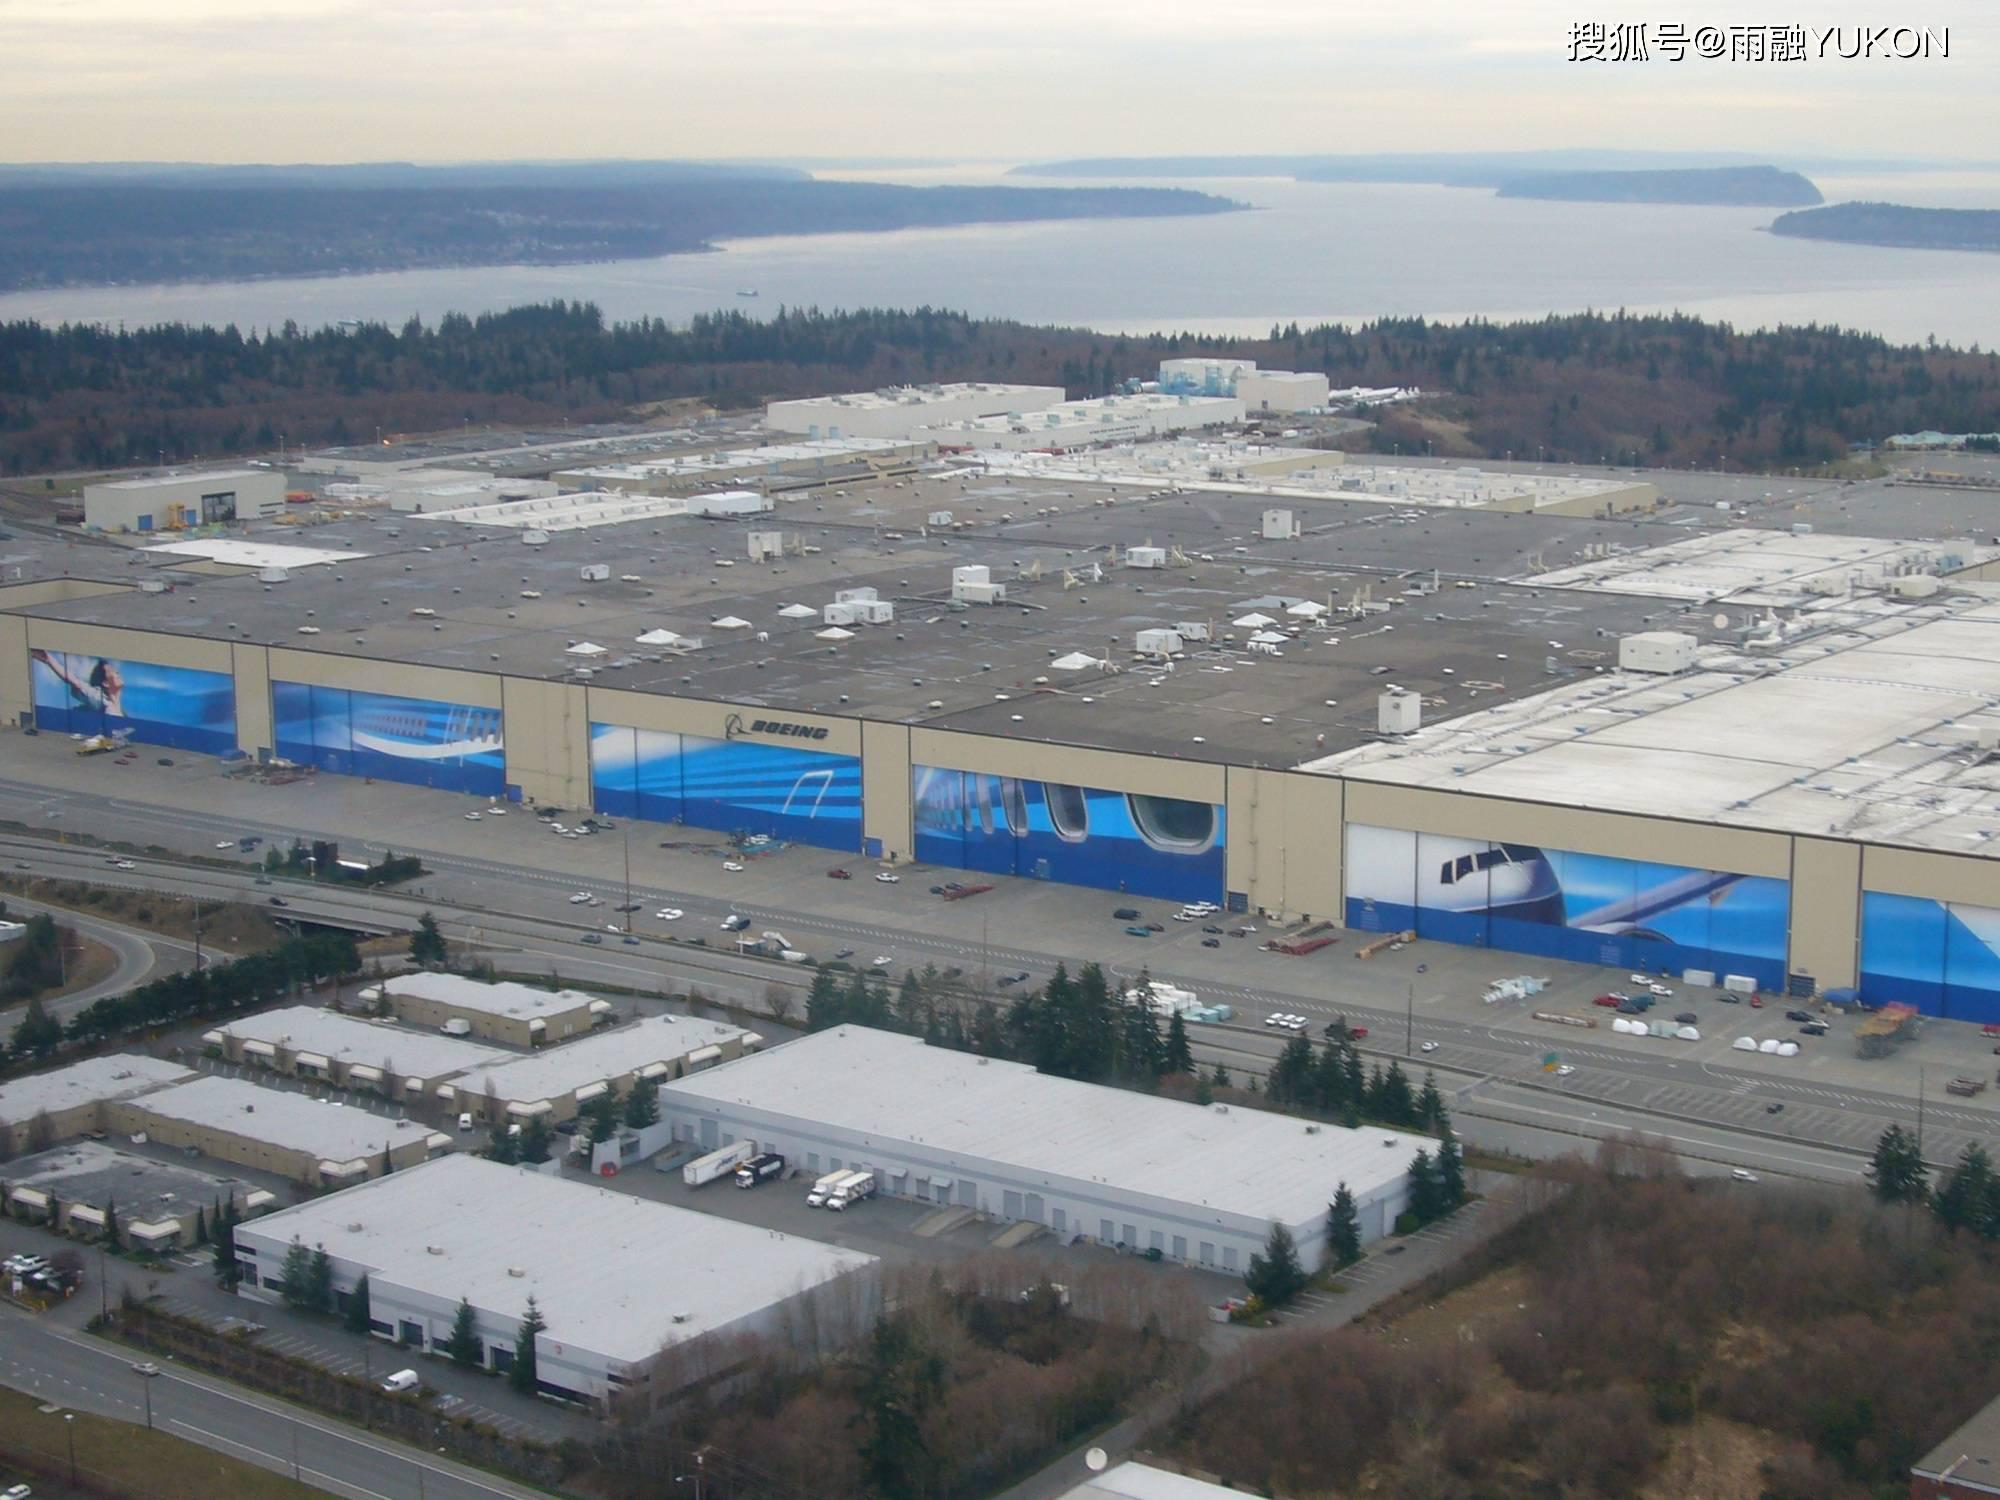 全球体积第一大建筑:体积约1338万立方米,体积比13个水立方还大